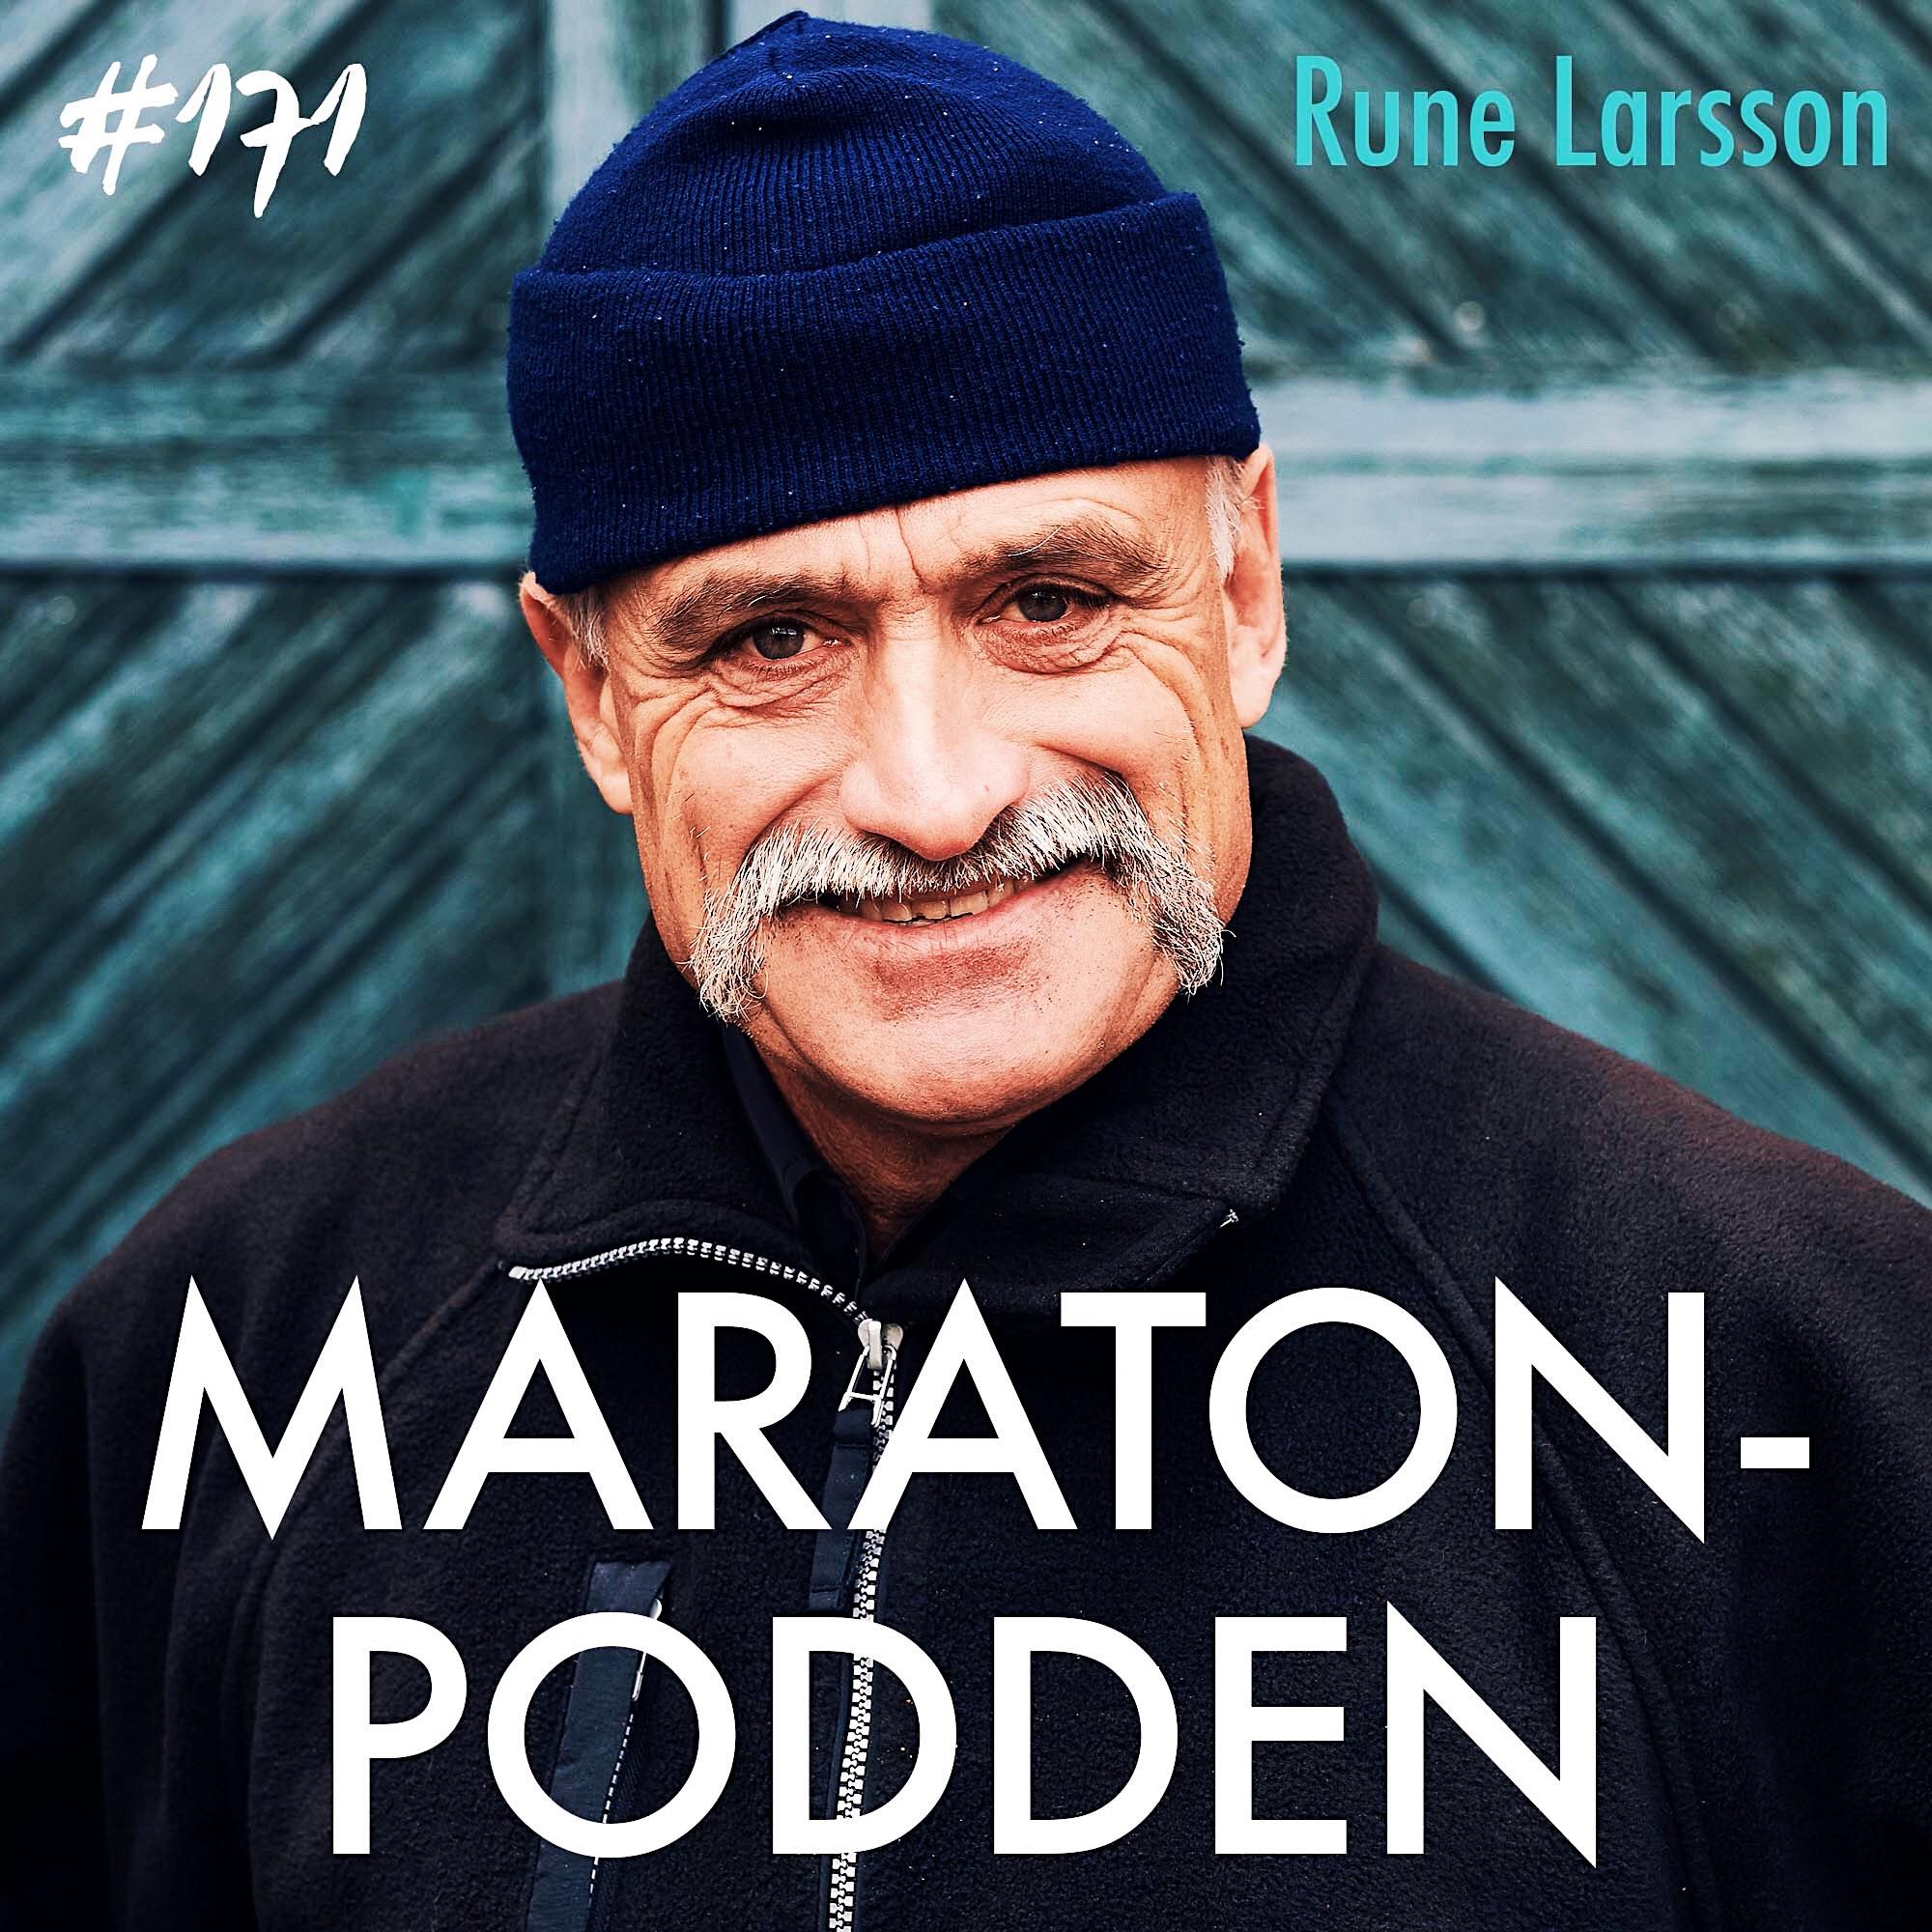 #171: Rune Larsson, superskorna, ultraanekdoter och kärleken till löpning